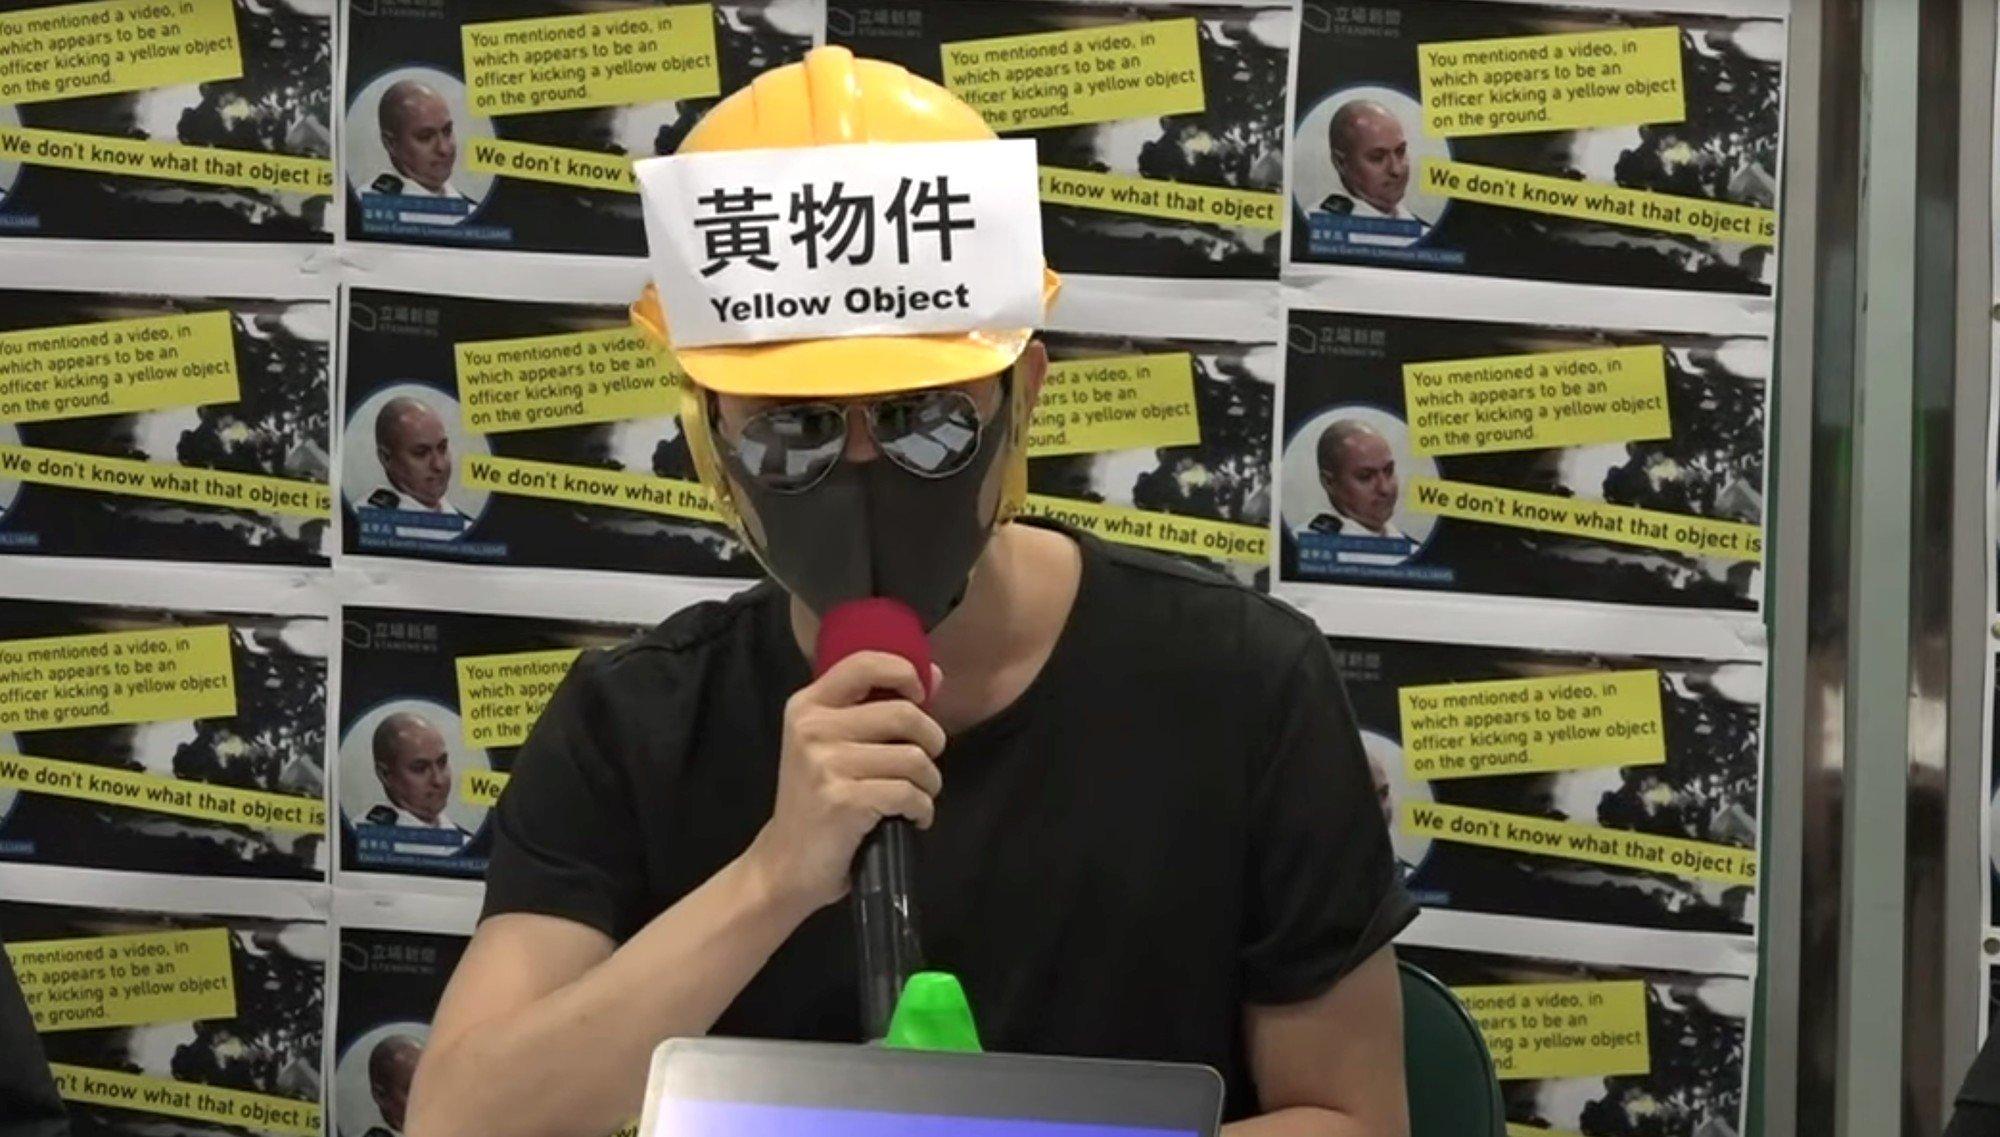 香港第14次民間記者會,發言者頭盔粘貼「黃物件」字樣,嘲諷警察。(大紀元新唐人直播畫面截圖)